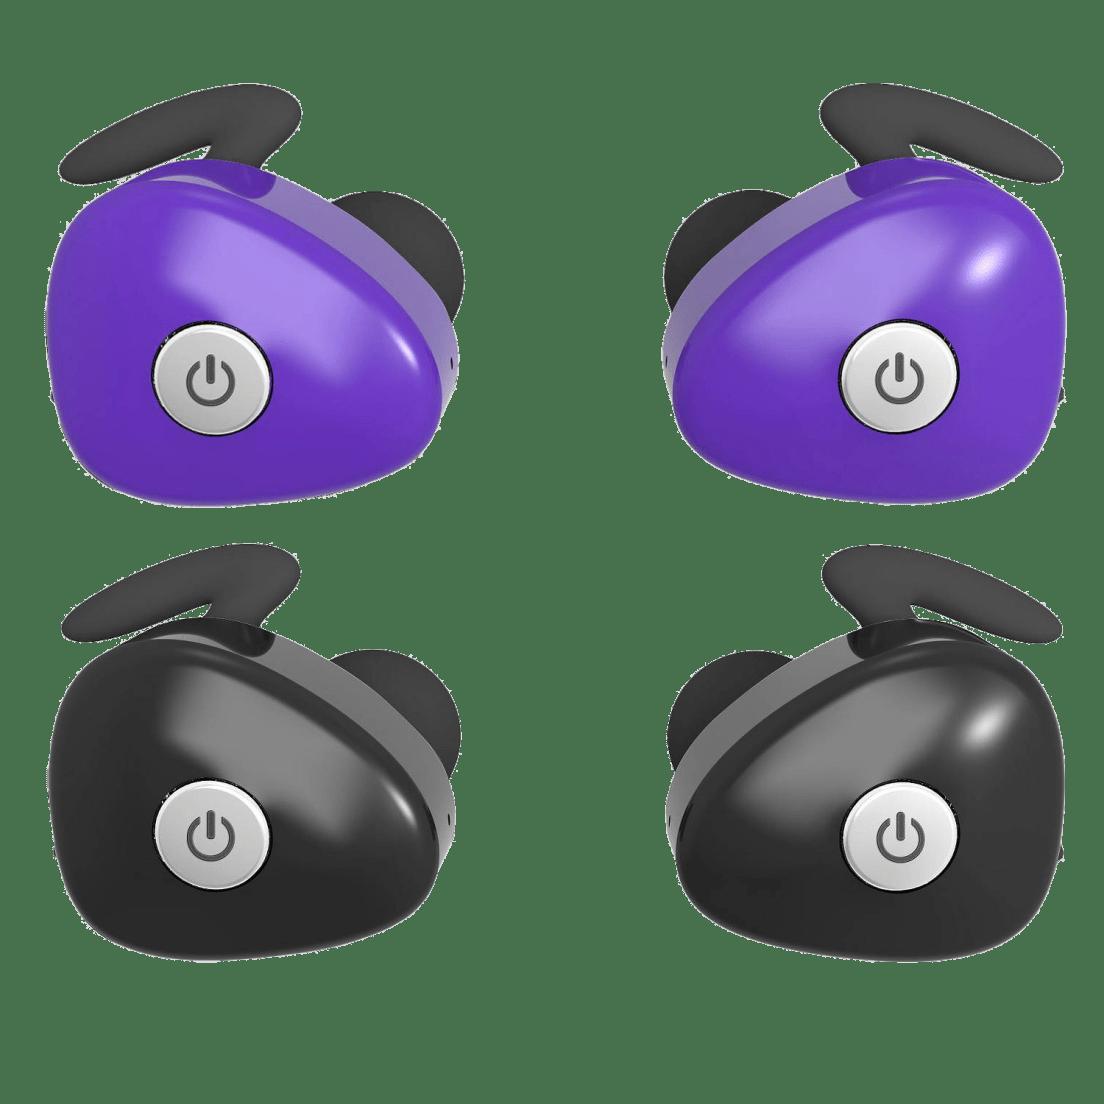 d7a62d7ad32 Bem True Wireless Bluetooth Earbuds